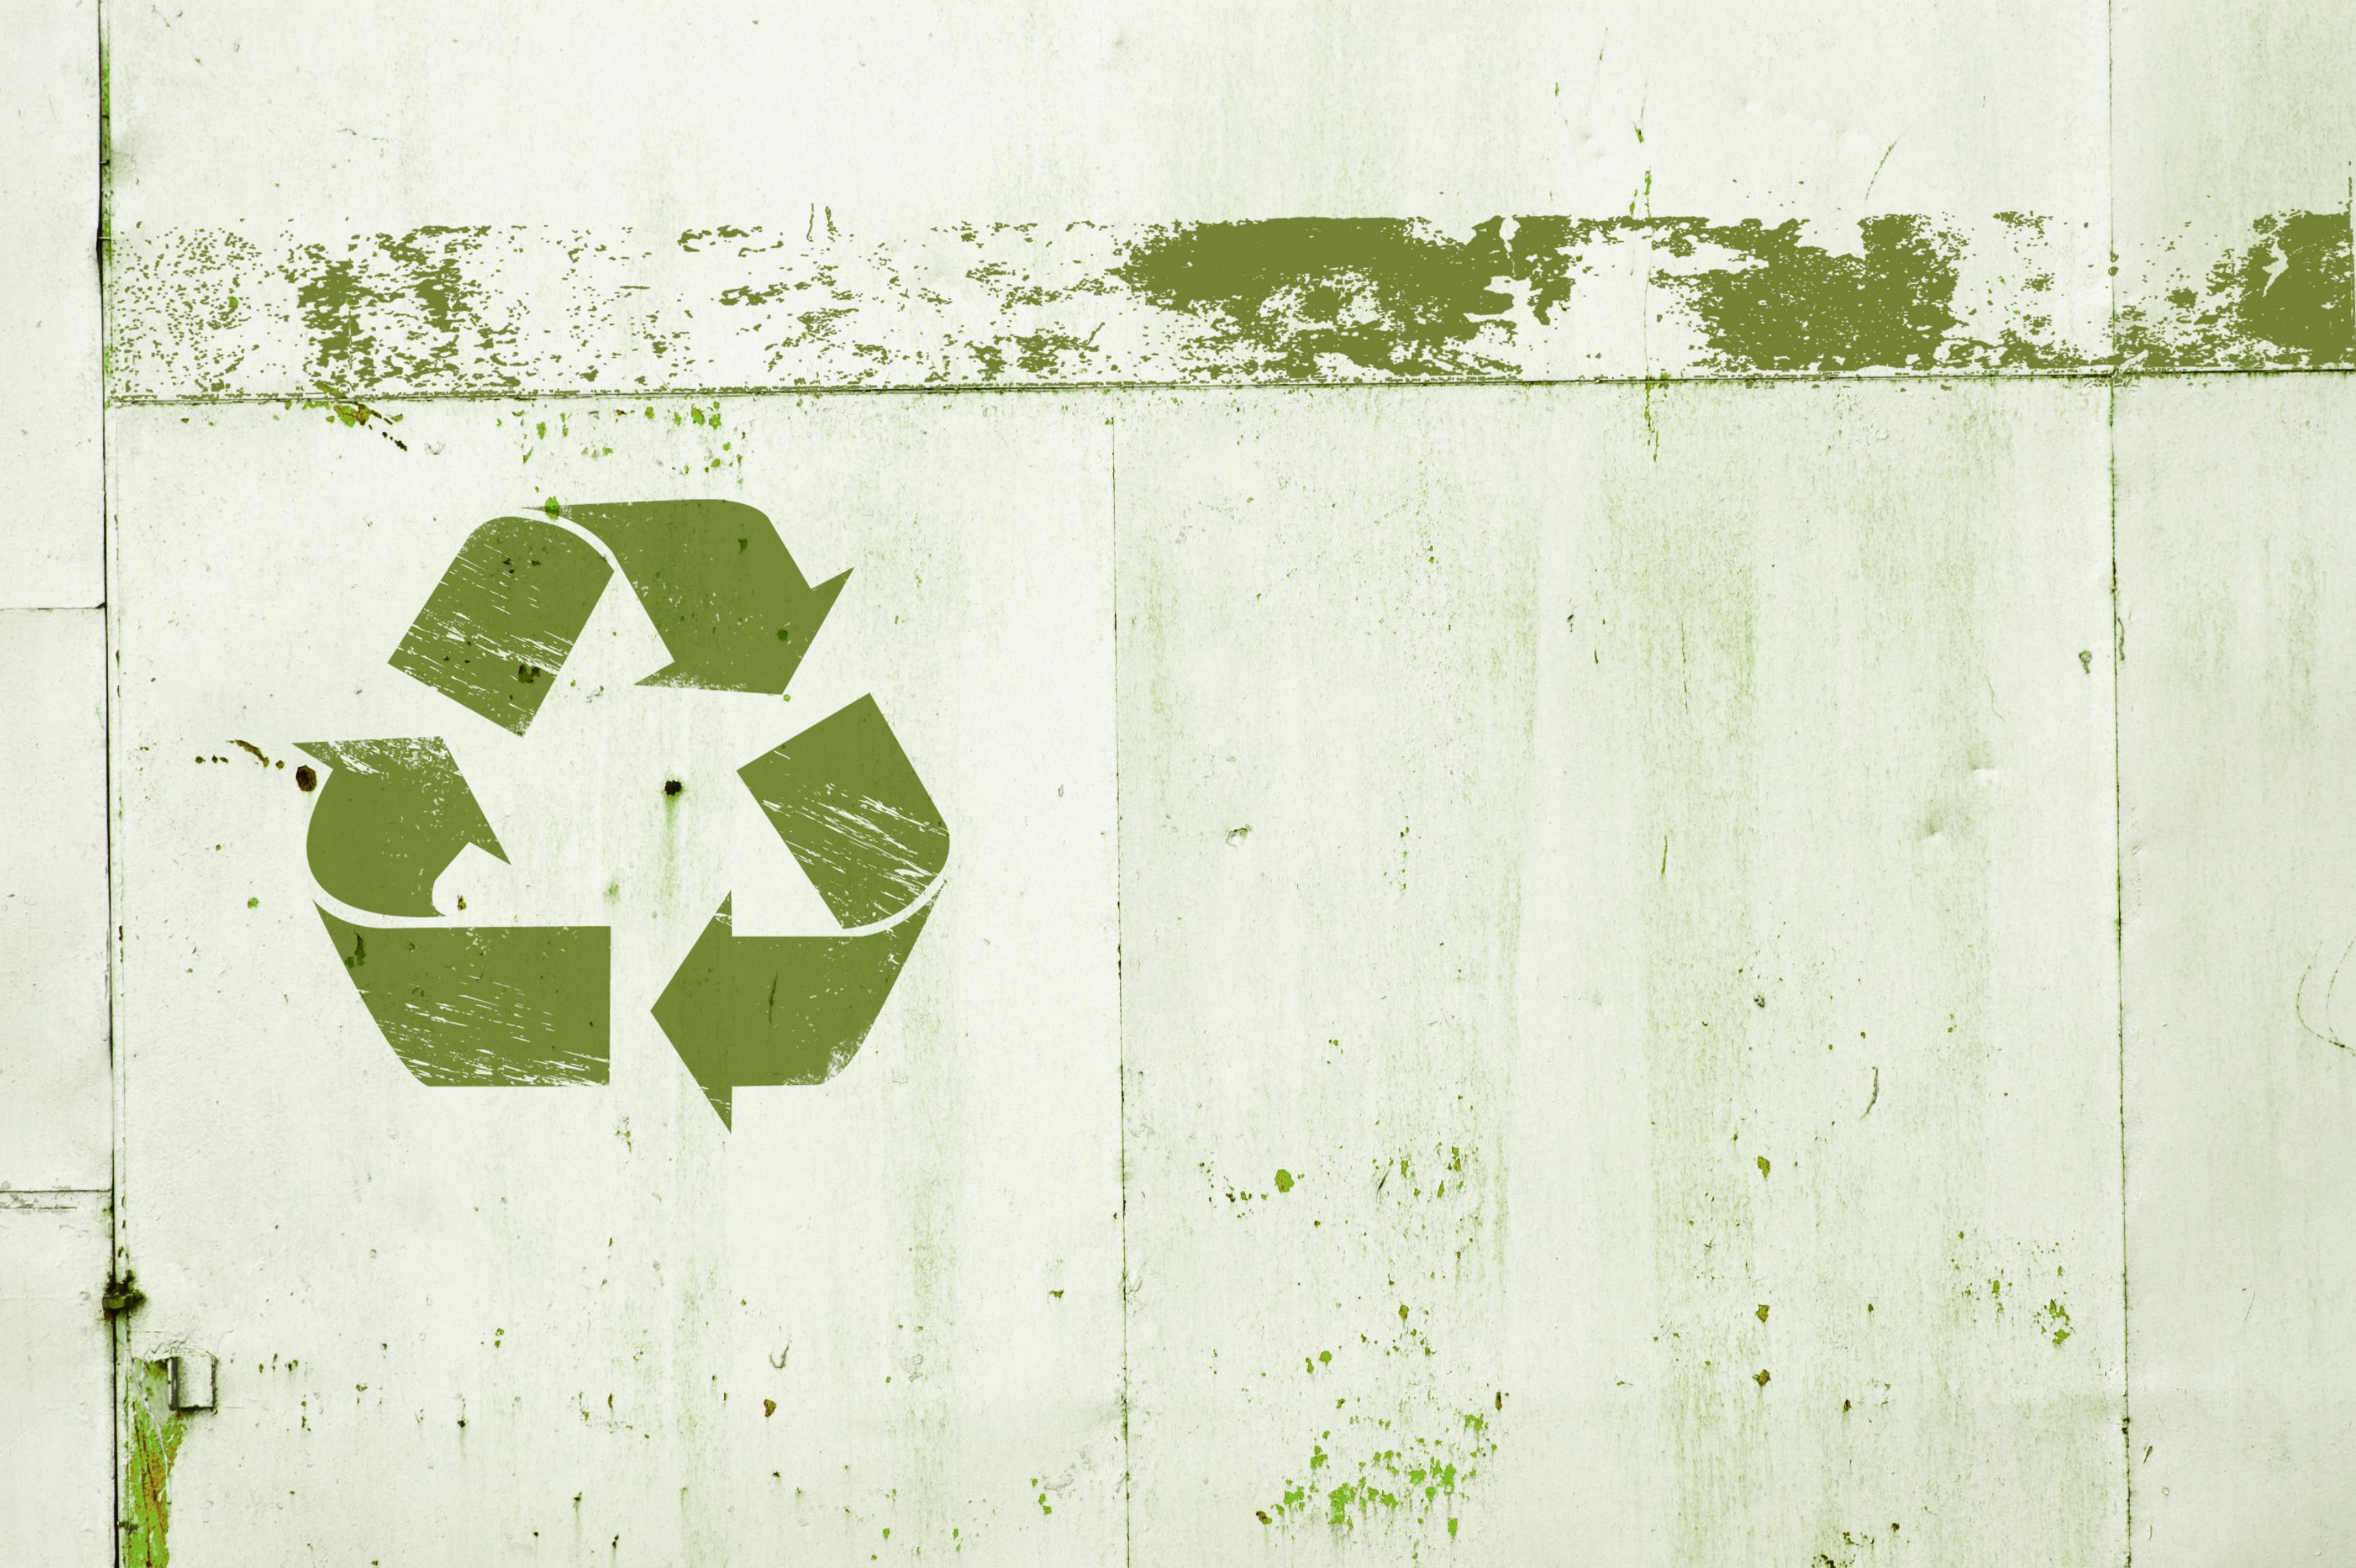 Nekomunaliniame atliekų sraute susidarančių pakuočių atliekų sutvarkymo paslaugos pirkimo konkursas